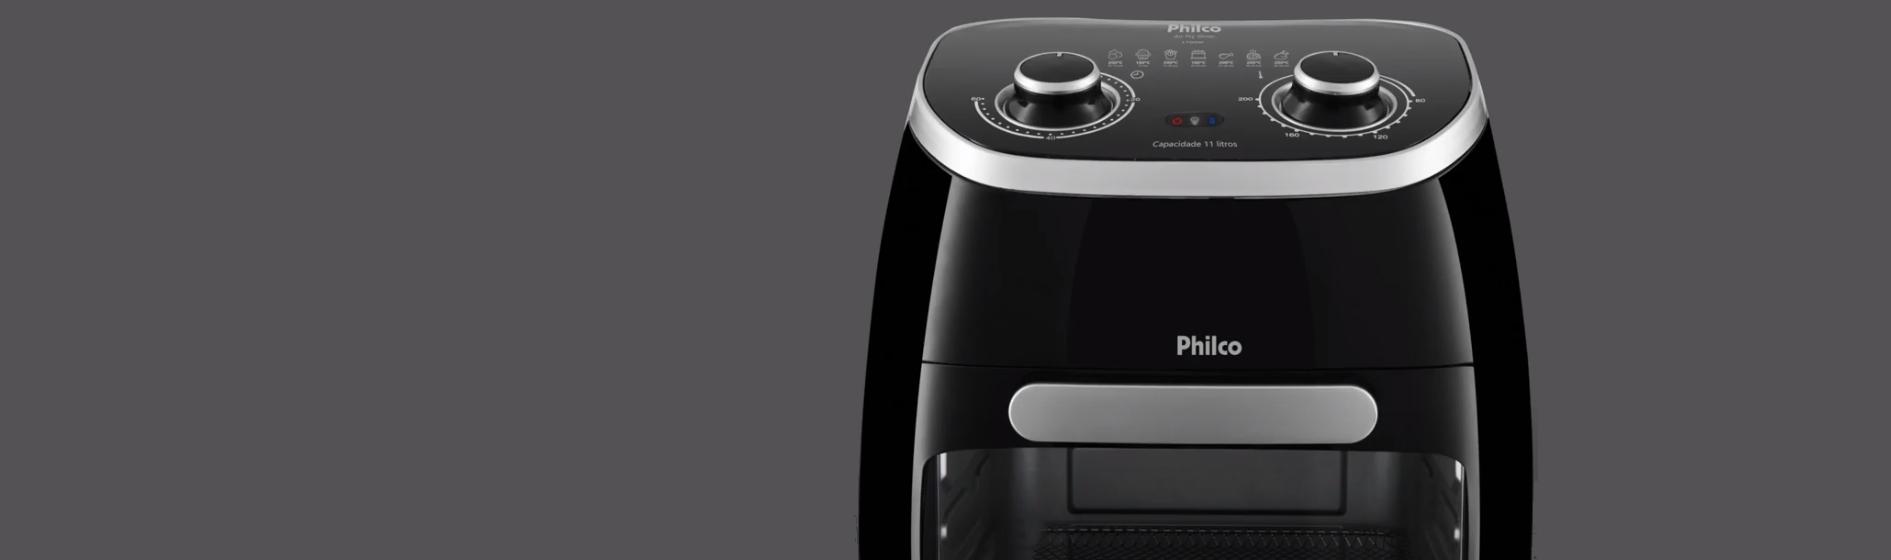 Air Fryer Oven Philco PFR2000P é bom? Conheça o modelo Air Fry Oven